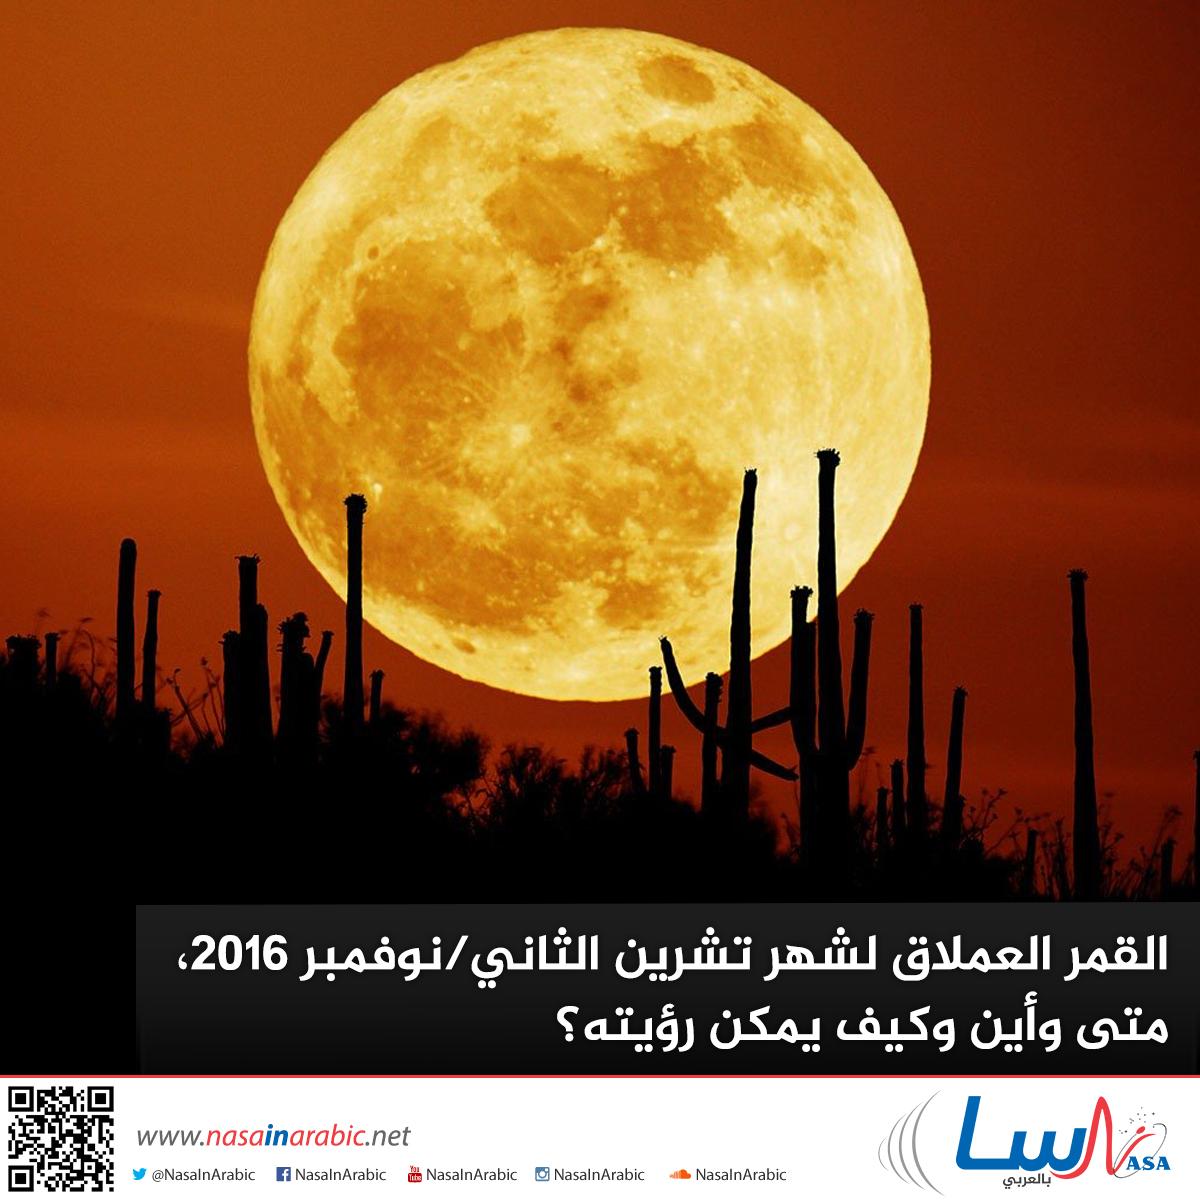 القمر العملاق لشهر تشرين الثاني/نوفمبر 2016، متى وأين وكيف يمكن رؤيته؟